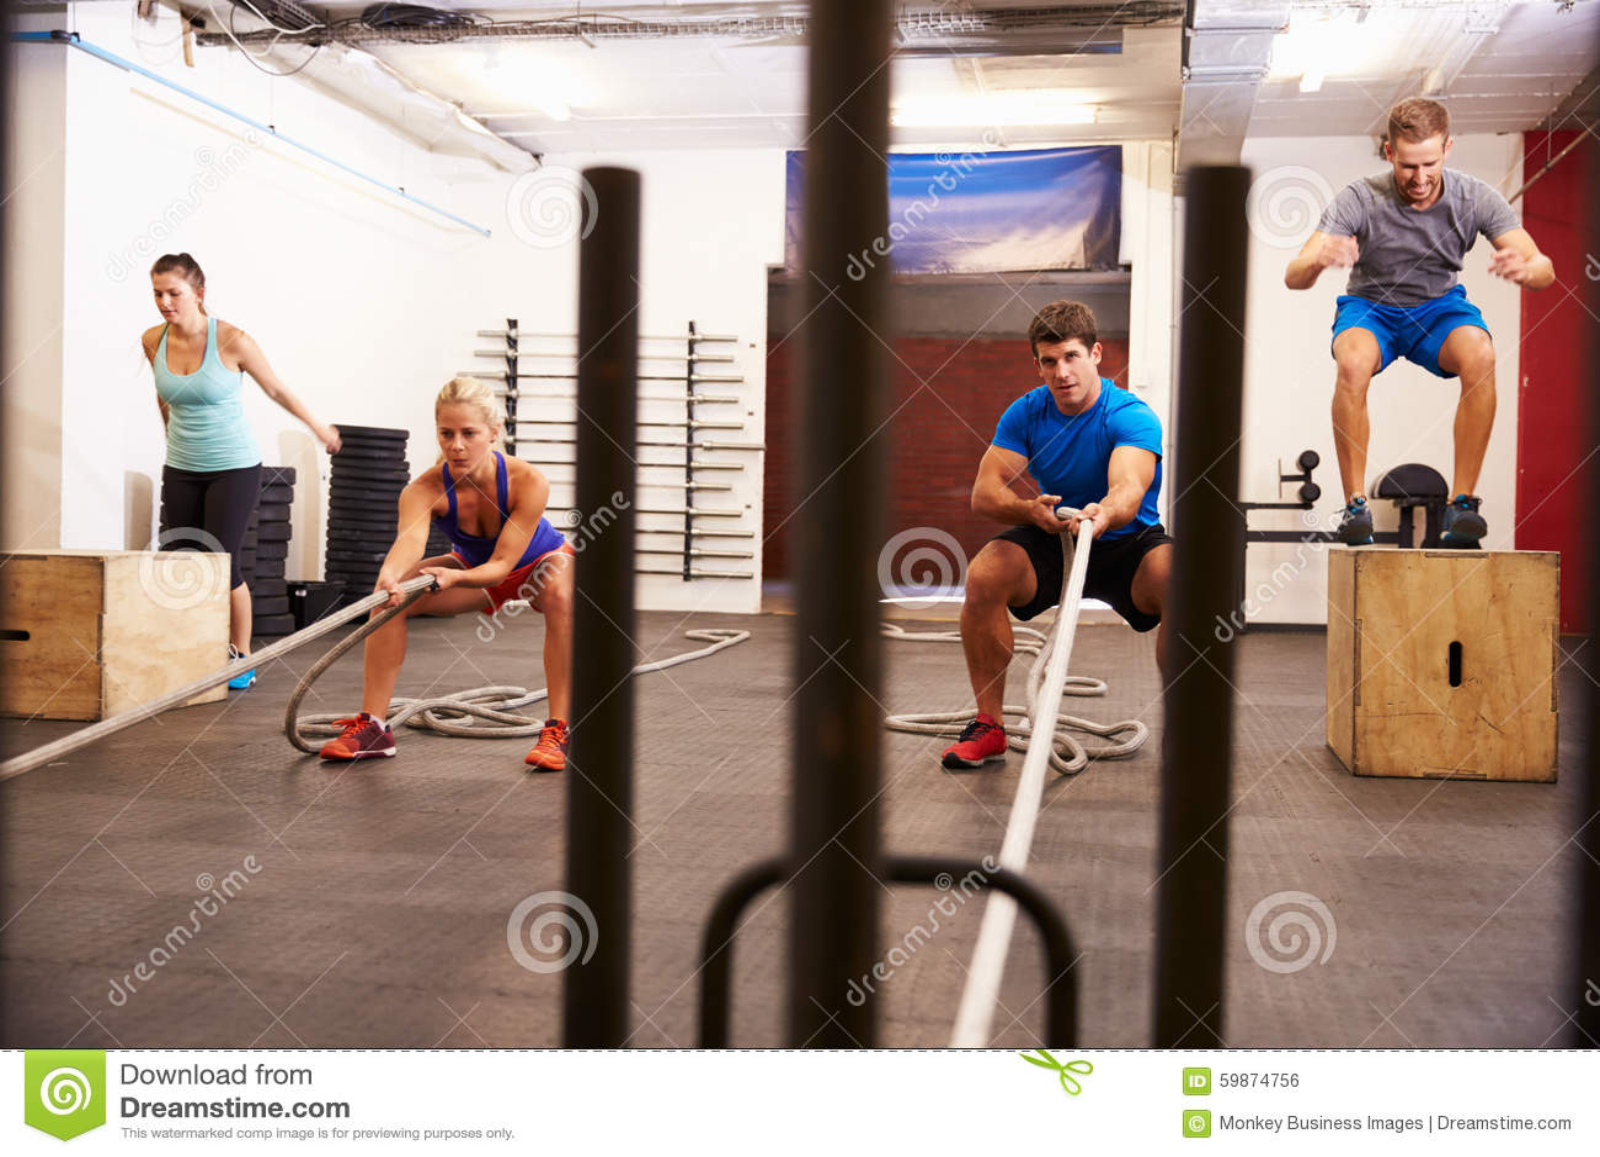 Circuito Gym : Gimnasio en circuito